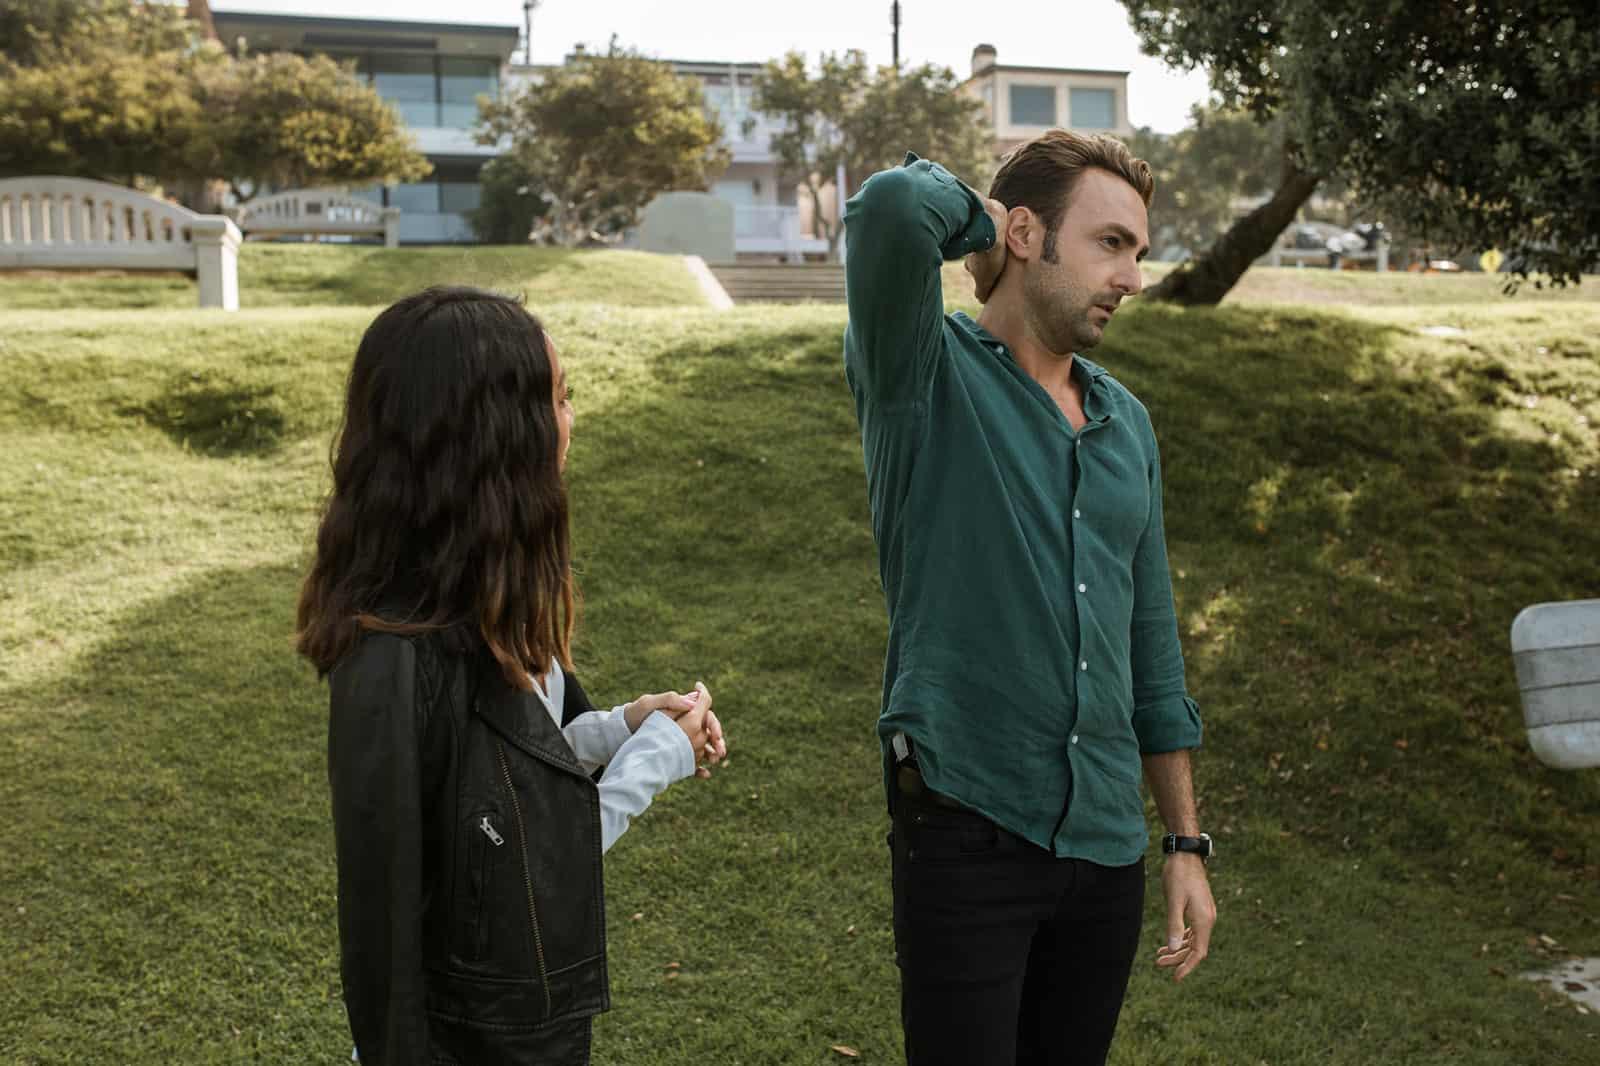 ein Paar, das im Gras steht und über ihre Beziehung spricht